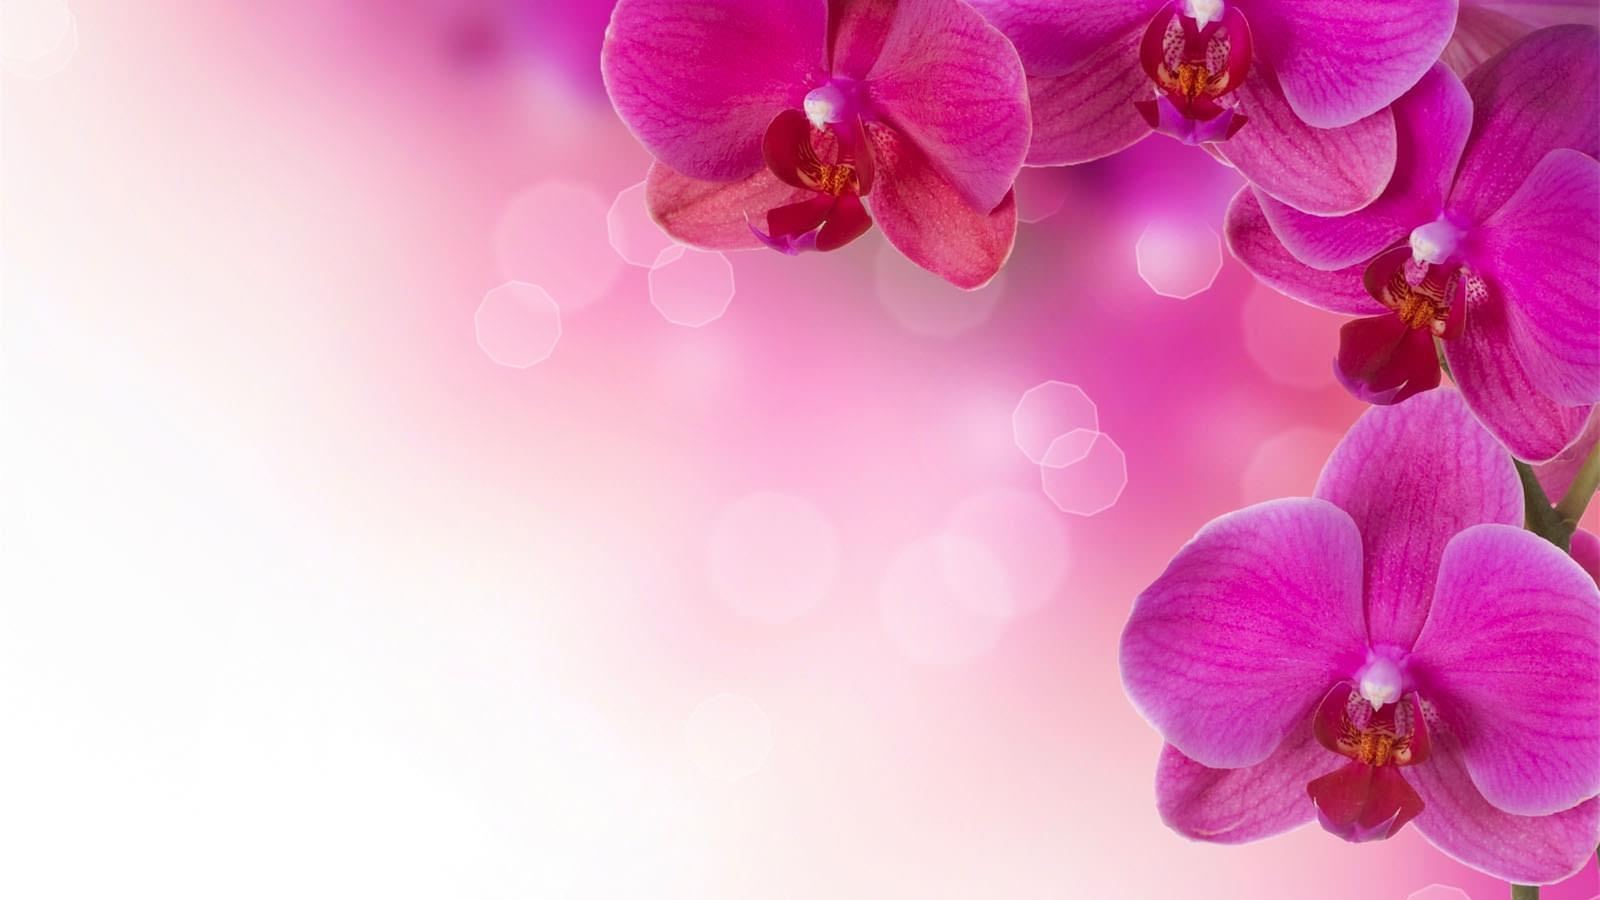 Wallpaper powerpoint tema bunga yang indah